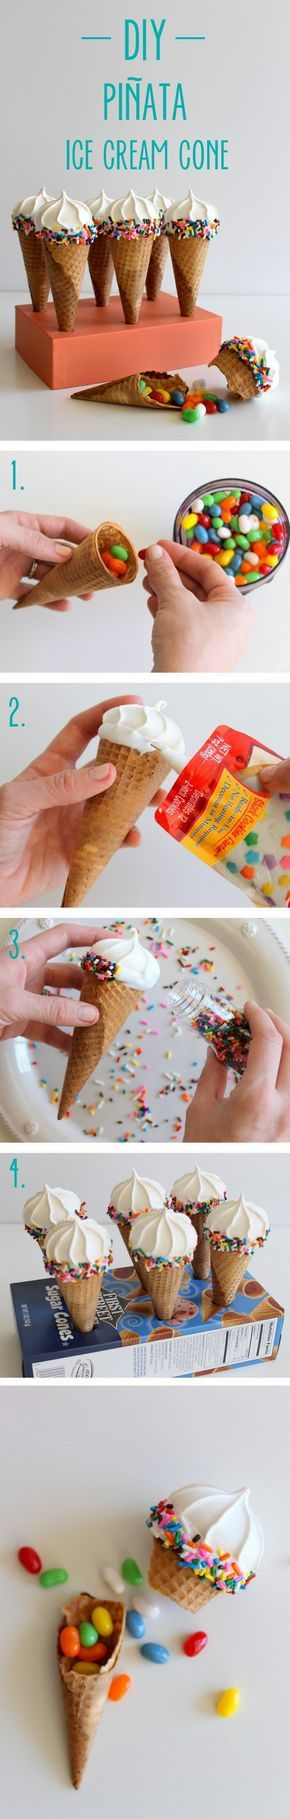 Conos piñatas, hechos con merengues para simular la bola de helado.